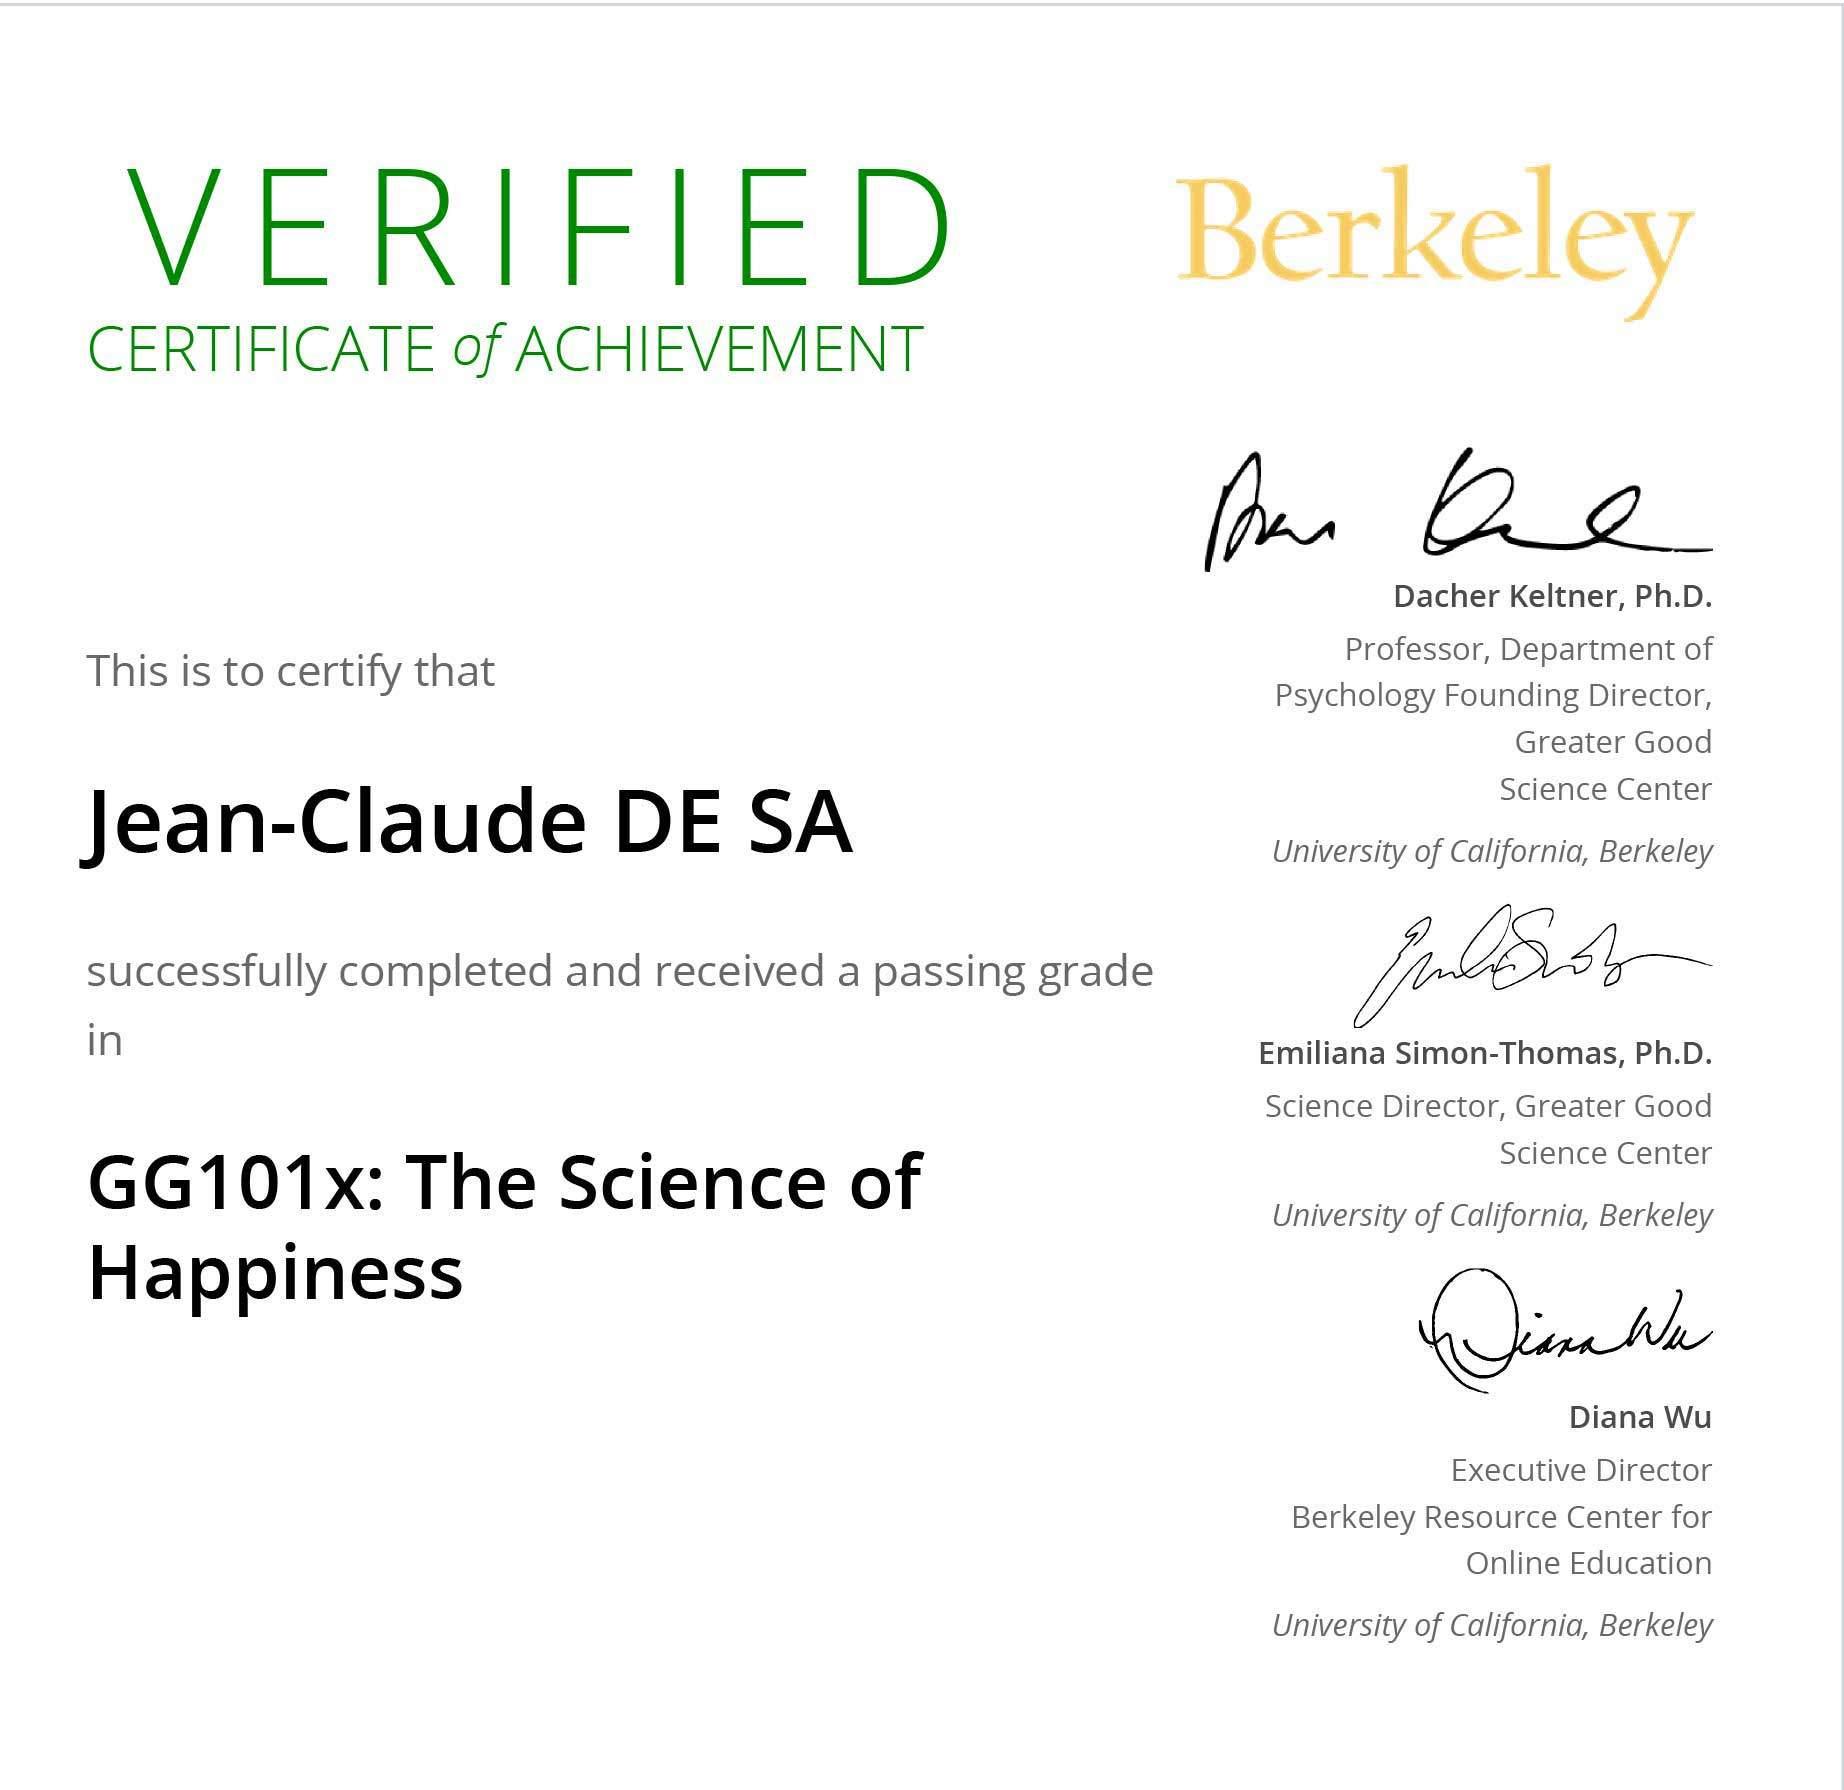 Psychologie Positive- Berkeley psy paris depression stress deuil psychologie therapie bonheur expat souffrance travail phobie TCA boulimie troubles alimentaires